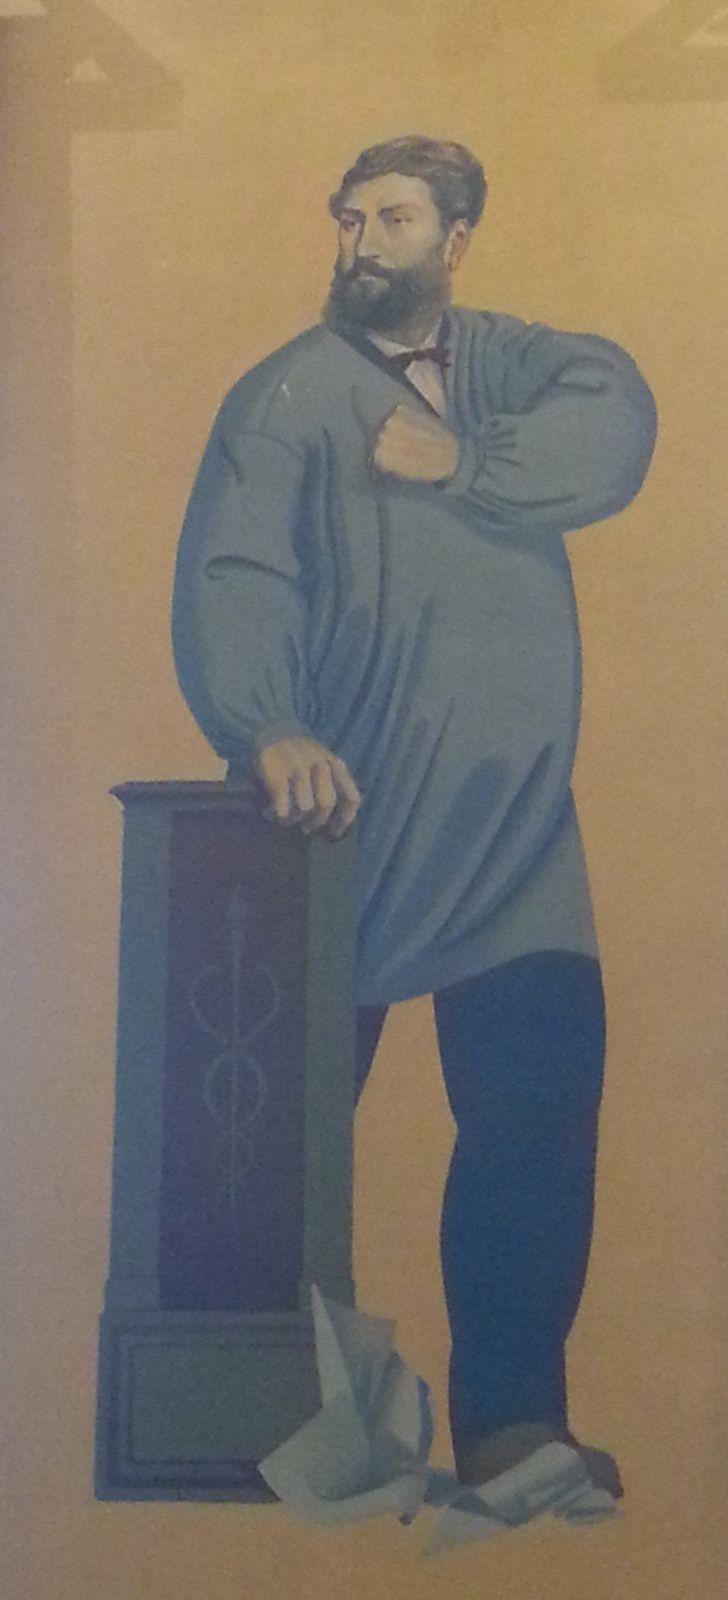 Les superbes fresques qui ornent la salle du Conseil municipal. On reconnait la représentation de Christophe Thivrier, premier Maire socialiste de Commentry et deux représentations de la vie ouvrière et paysanne.